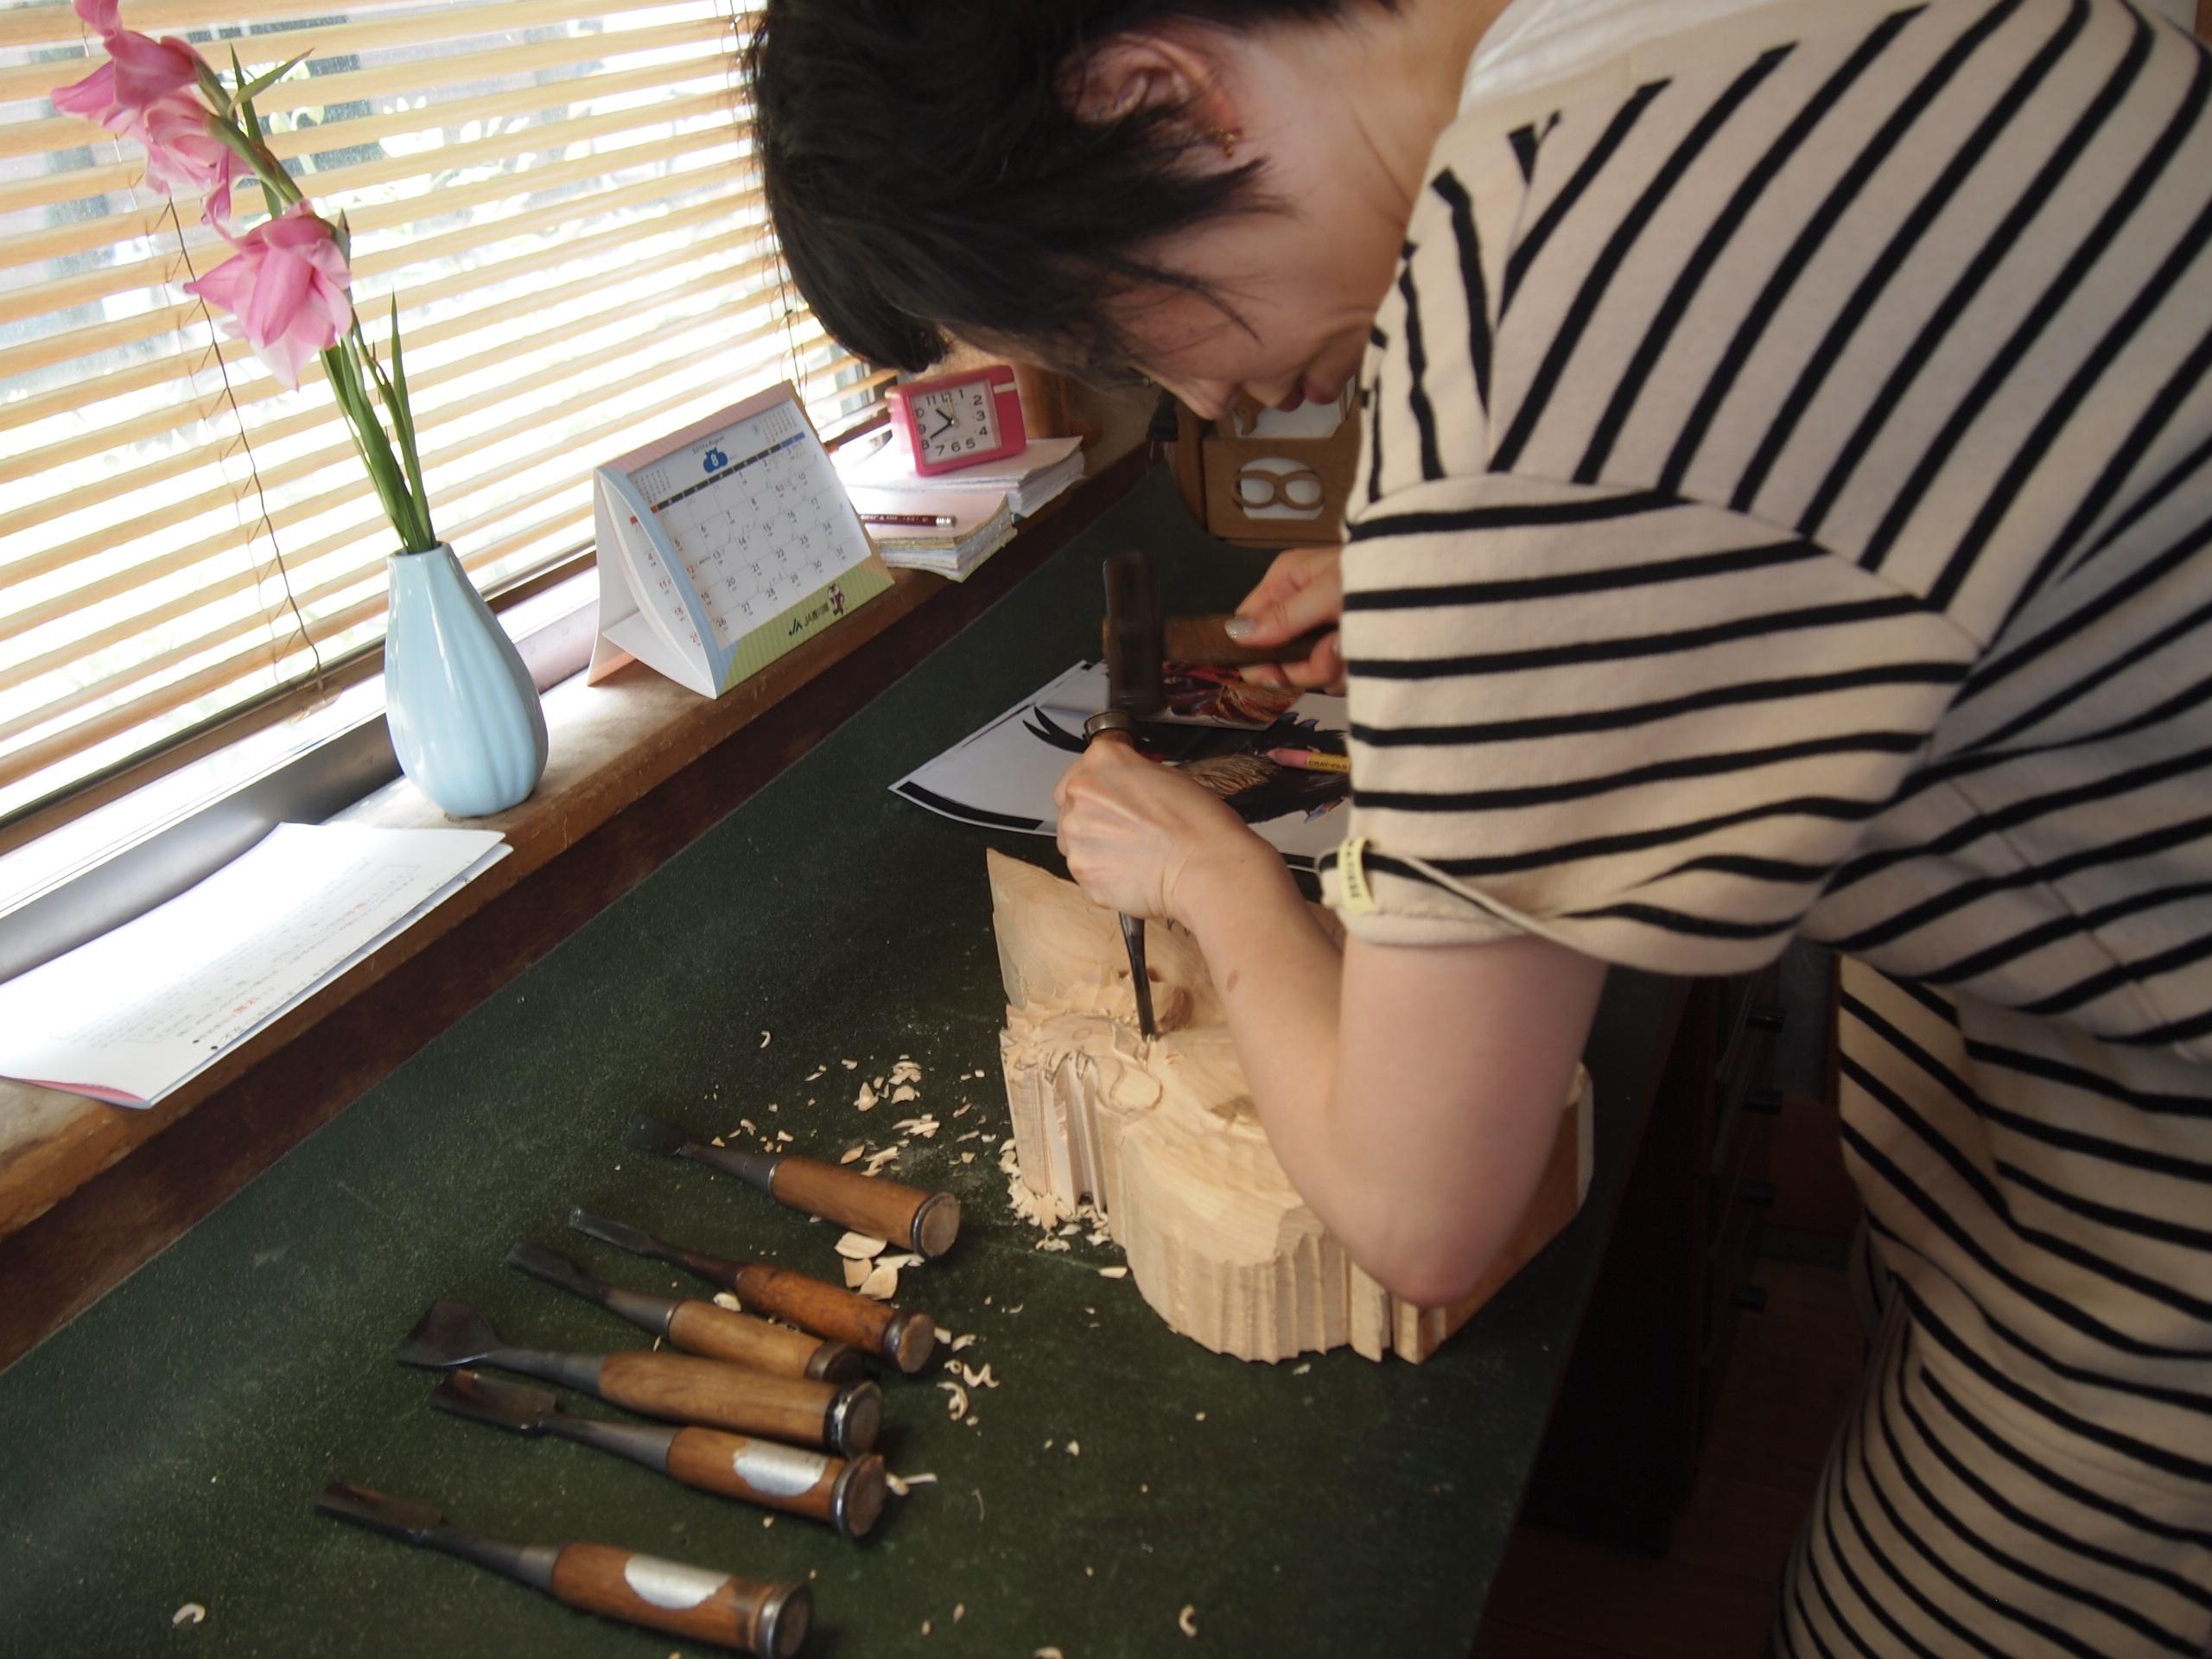 通期:香川県伝統工芸士に学ぶ やさしい木彫り教室【木曜クラス】 12月5日~